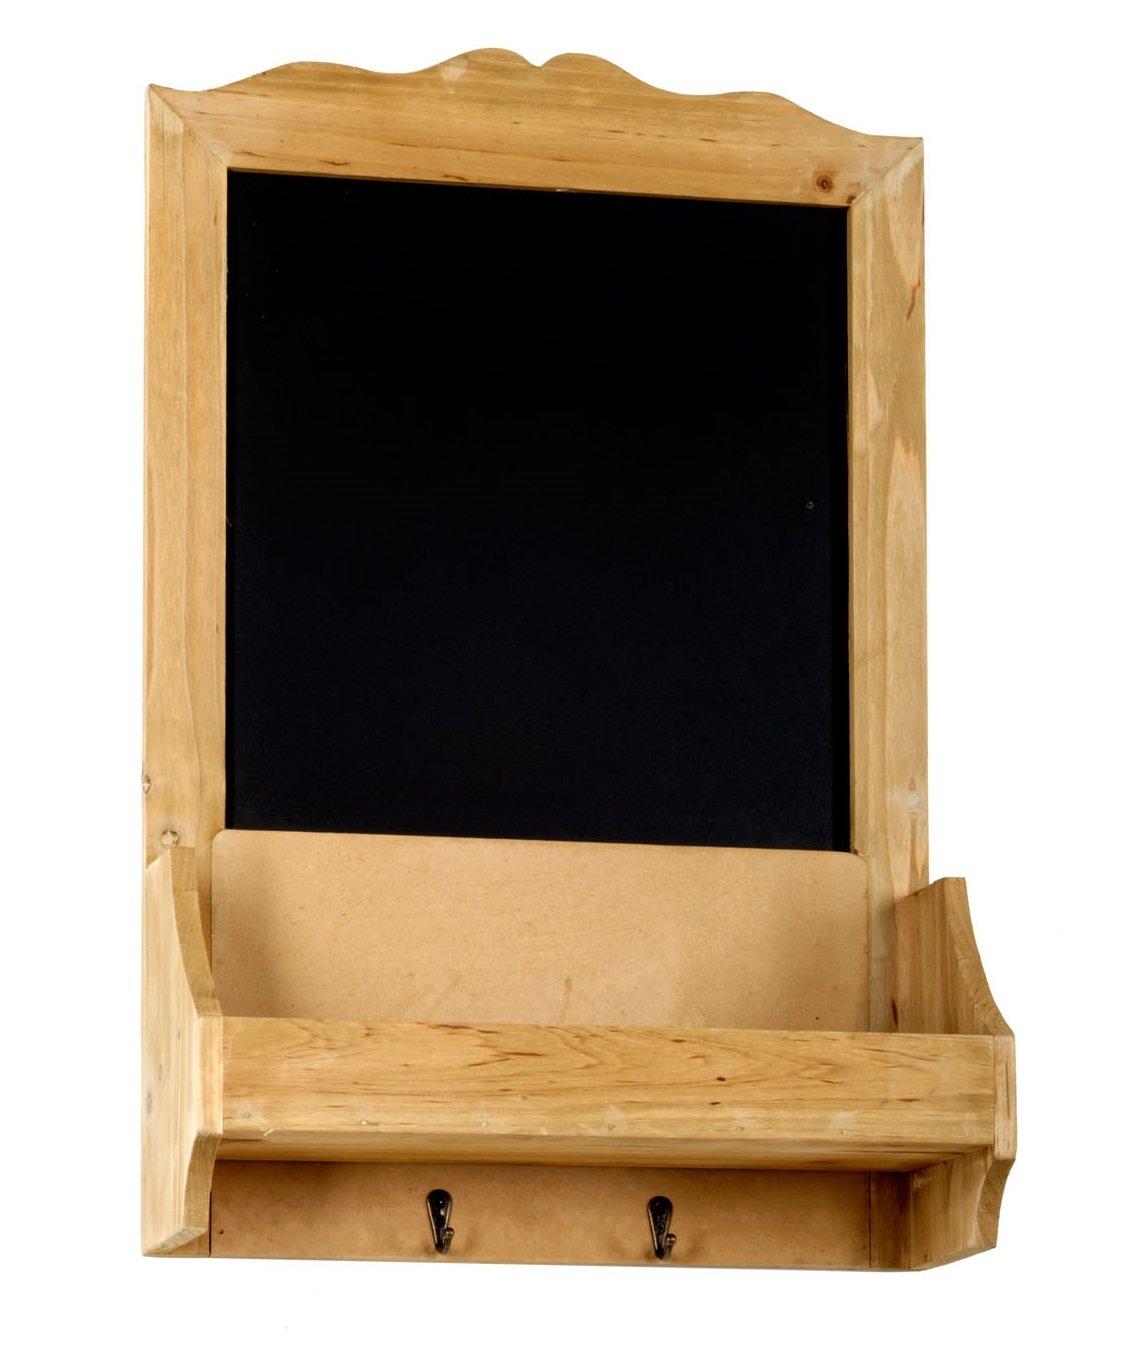 Chalk Board with Hooks & Shelf  37 x 13 x 58 cm